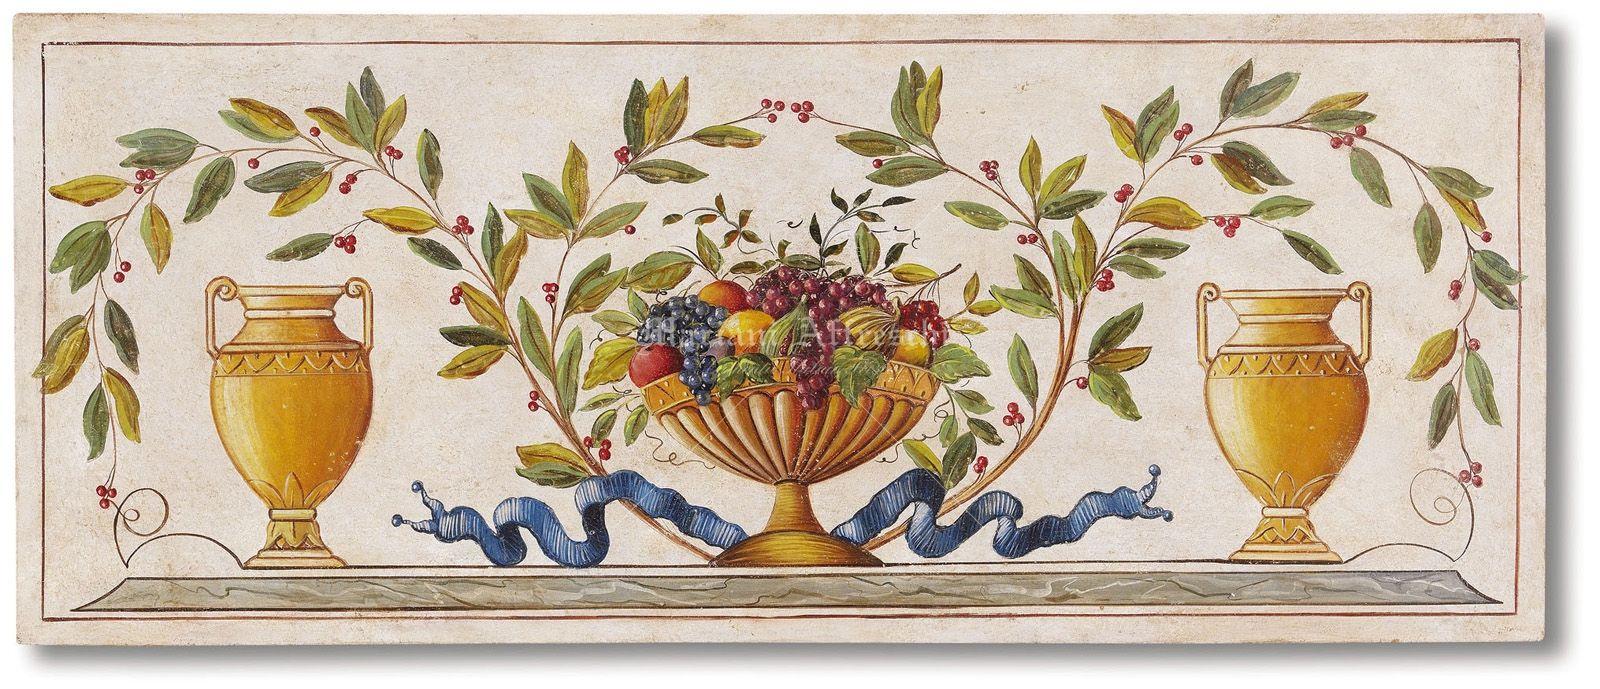 Mariani affreschi fregi grottesche e decorativi for Fregi decorativi